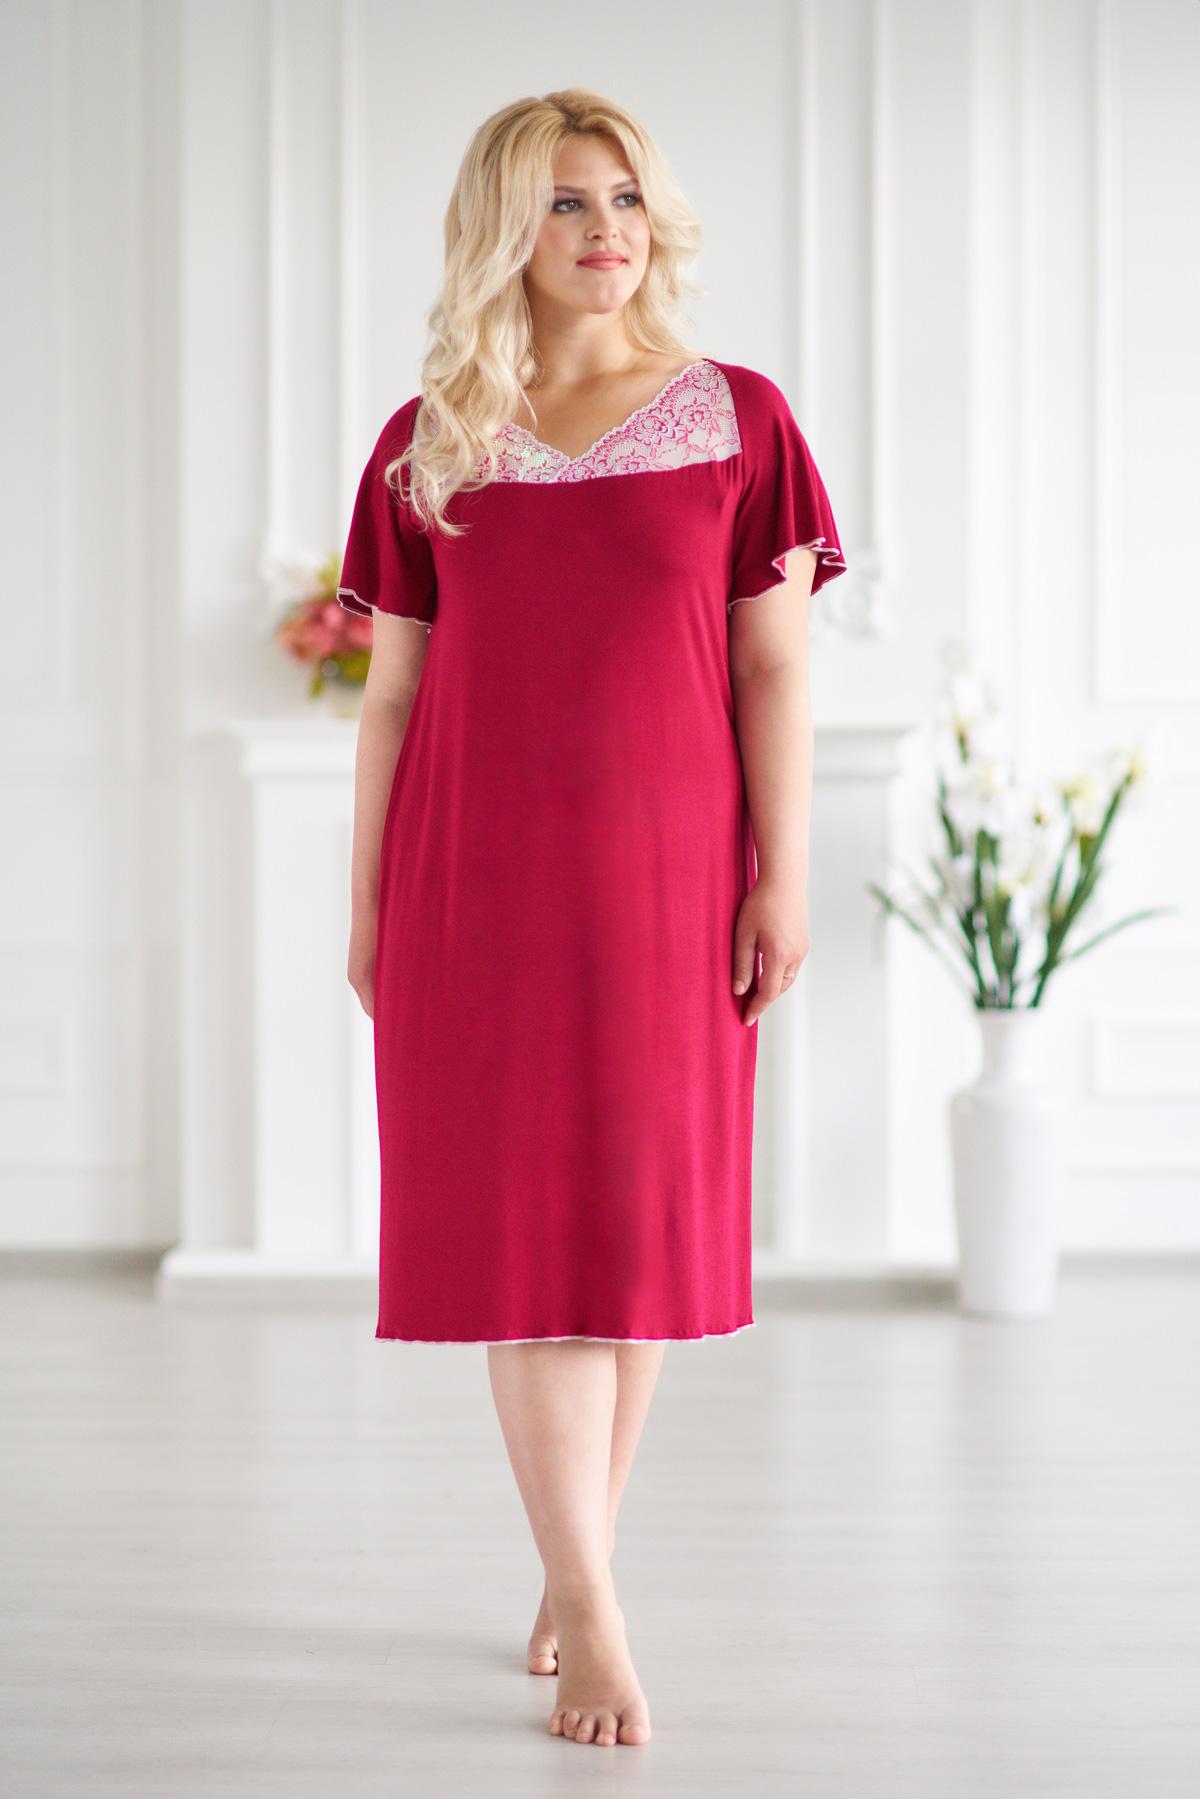 Жен. сорочка арт. 19-0053 Бордо р. 50Ночные сорочки<br>Факт. ОГ: 96 см <br>Факт. ОТ: 102 см <br>Факт. ОБ: 108 см <br>Длина по спинке: 97 см<br><br>Тип: Жен. сорочка<br>Размер: 50<br>Материал: Вискоза